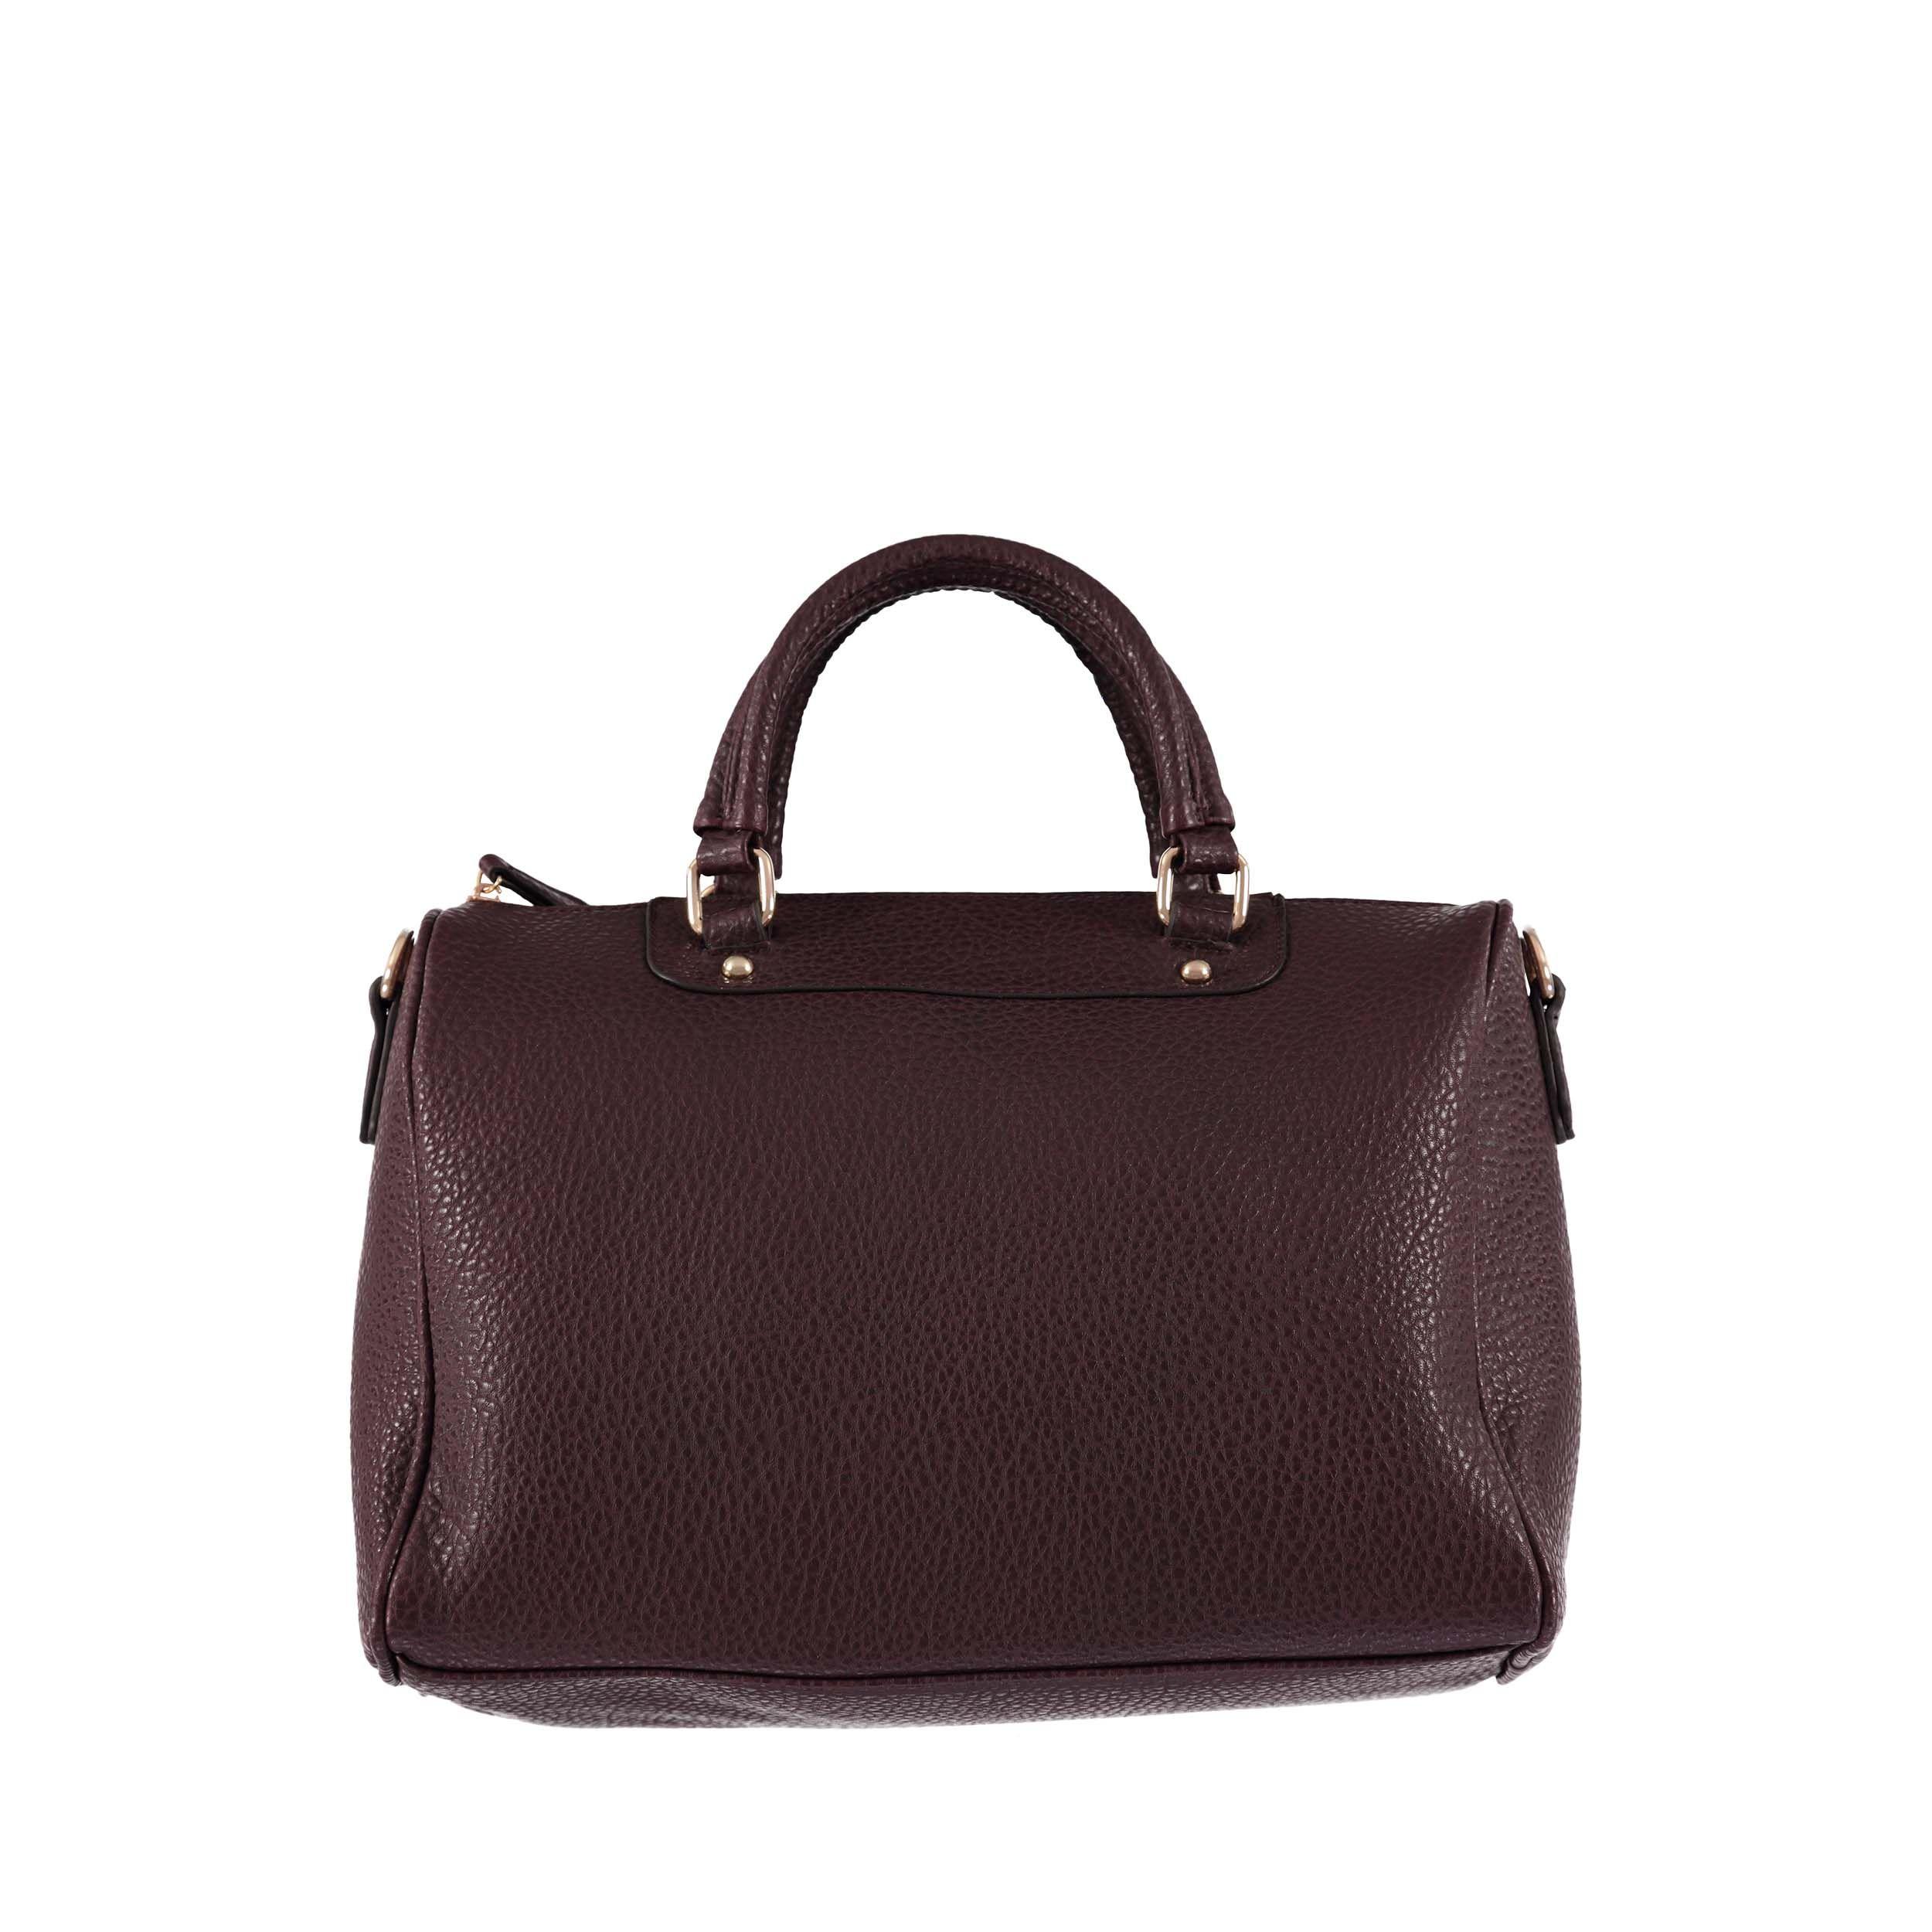 Bowling bag with grainé texture - € 39,95